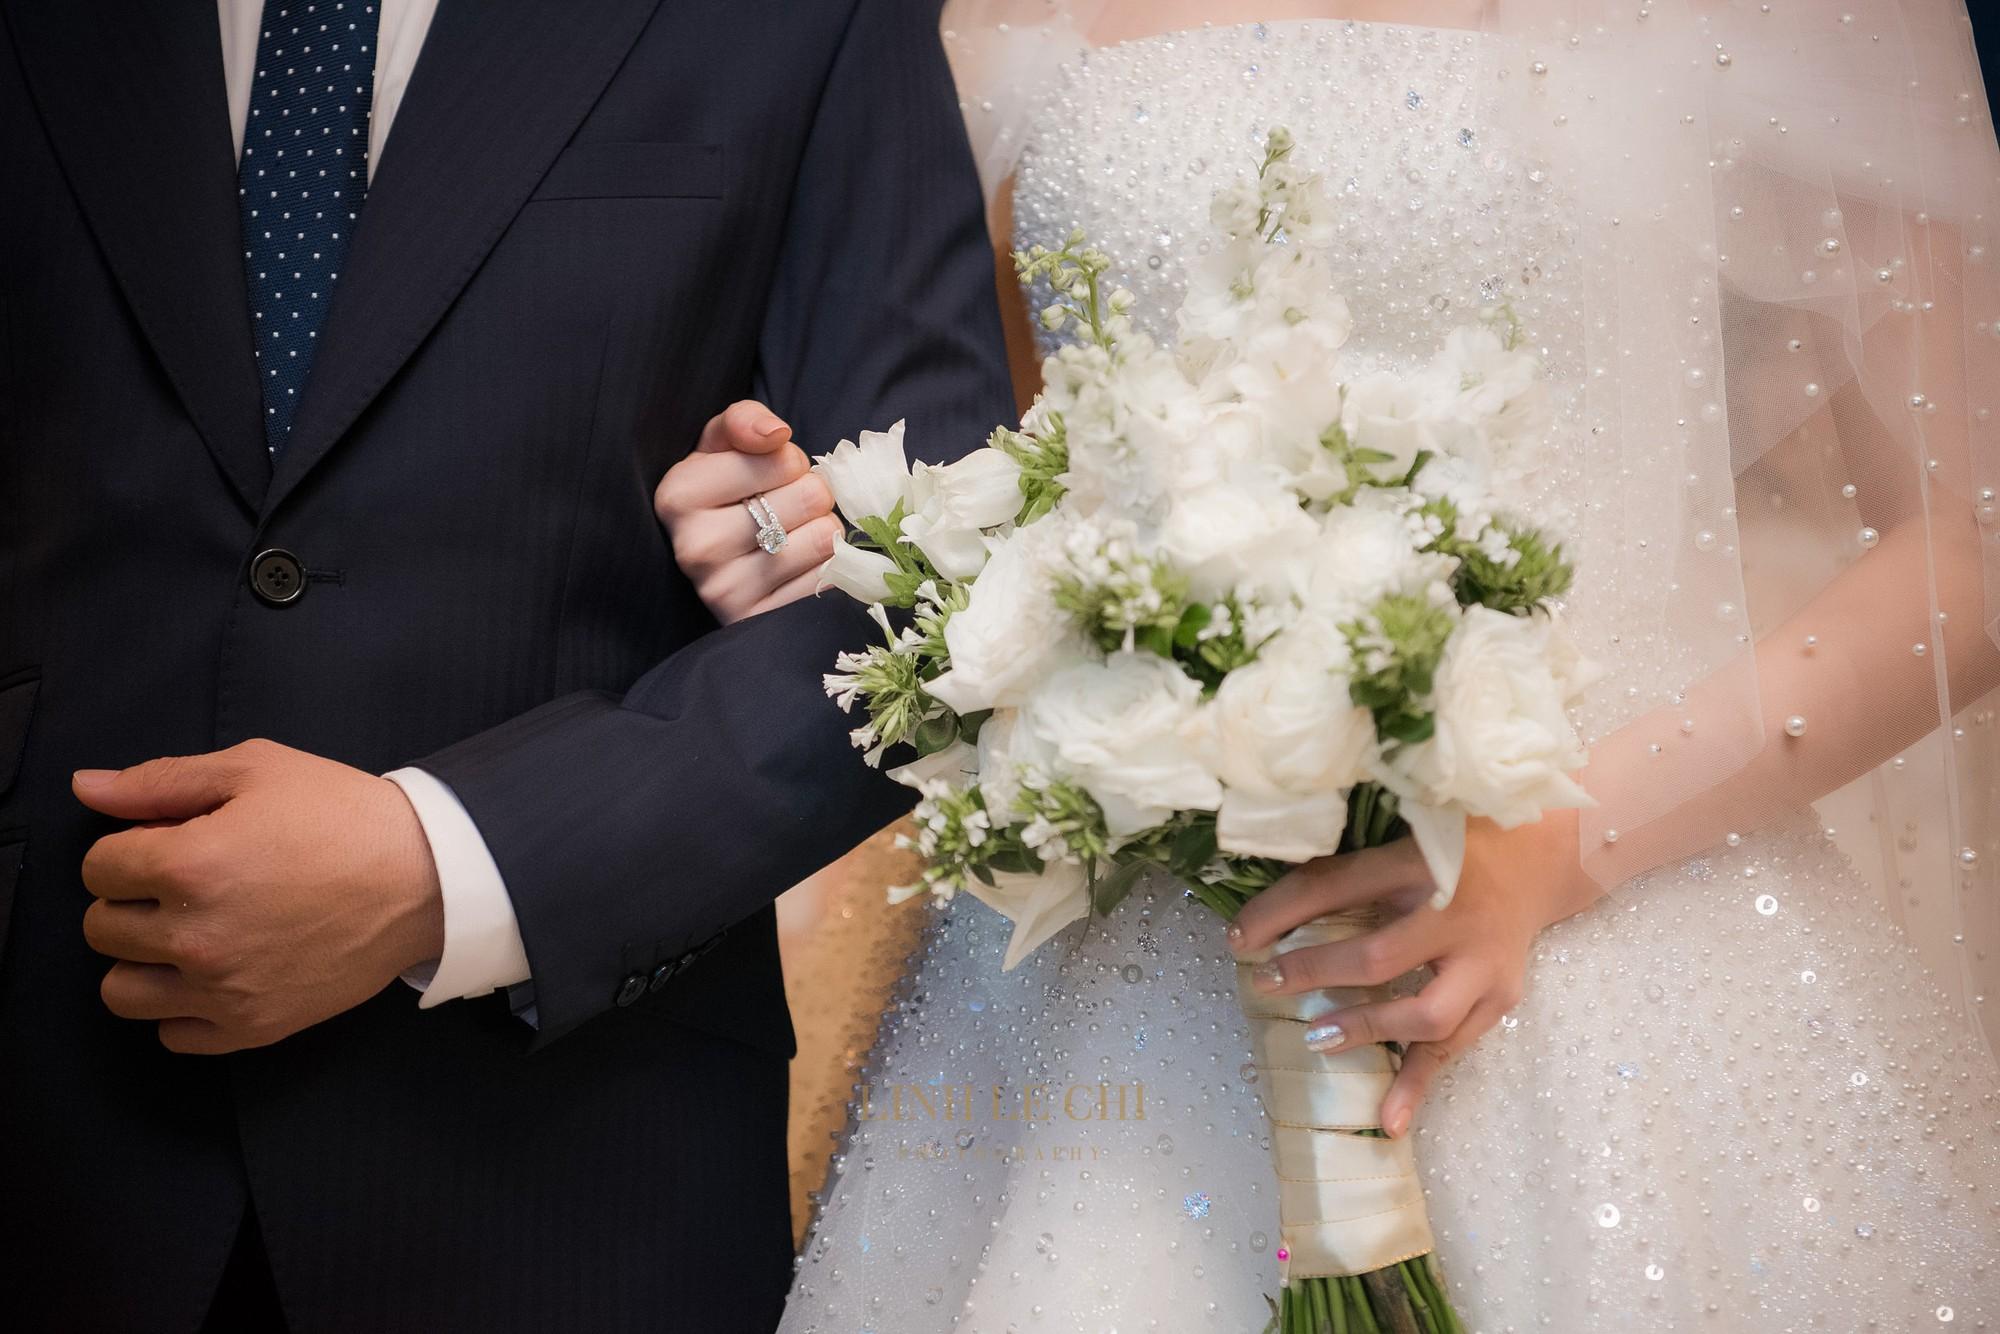 Ảnh đẹp: Á hậu Tú Anh nũng nịu ôm chặt ông xã trong tiệc cưới sang trọng ở Hà Nội - Ảnh 8.